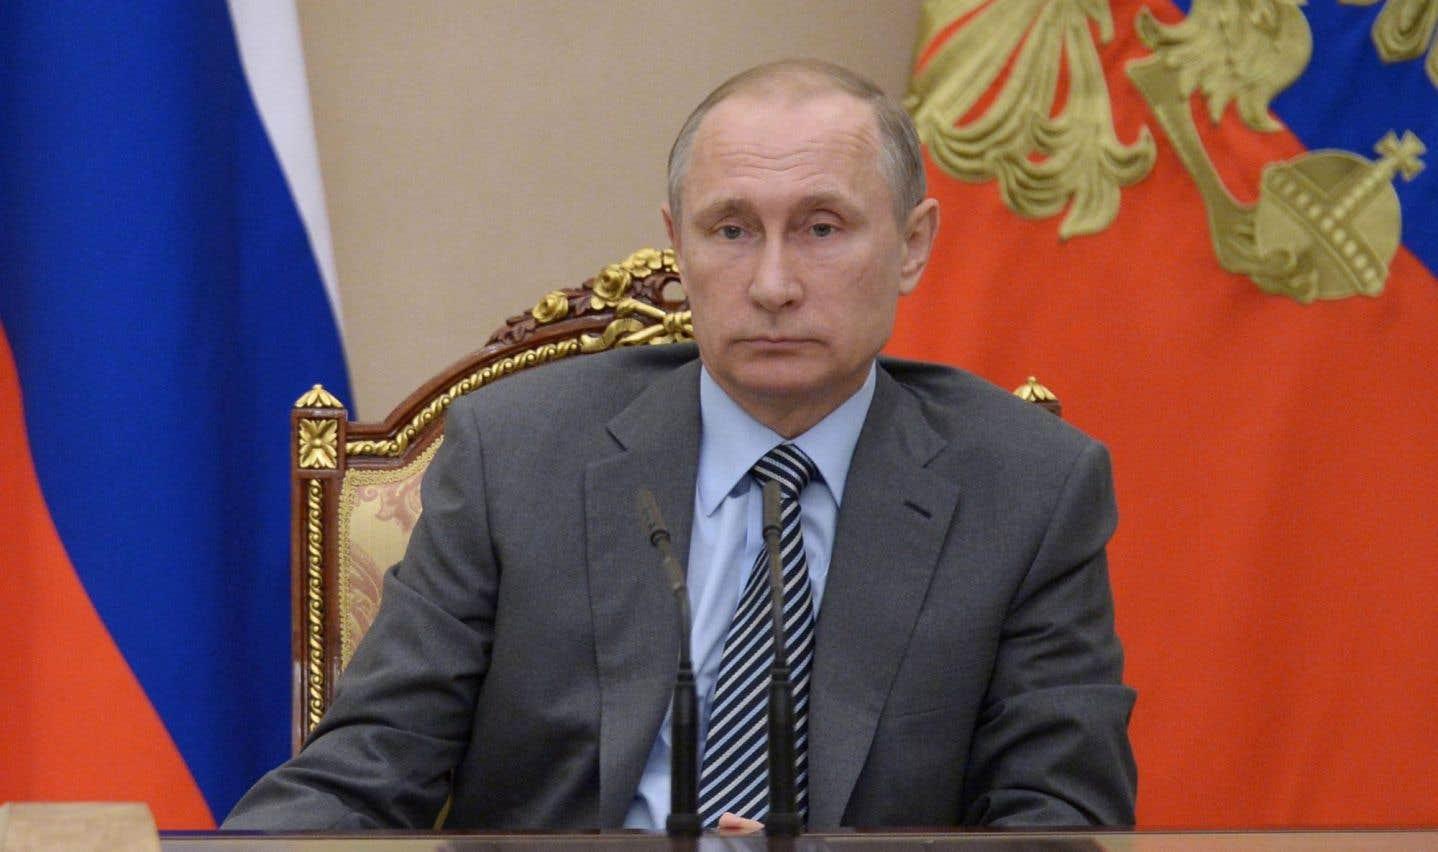 Le président de la Russie, Vladimir Poutine